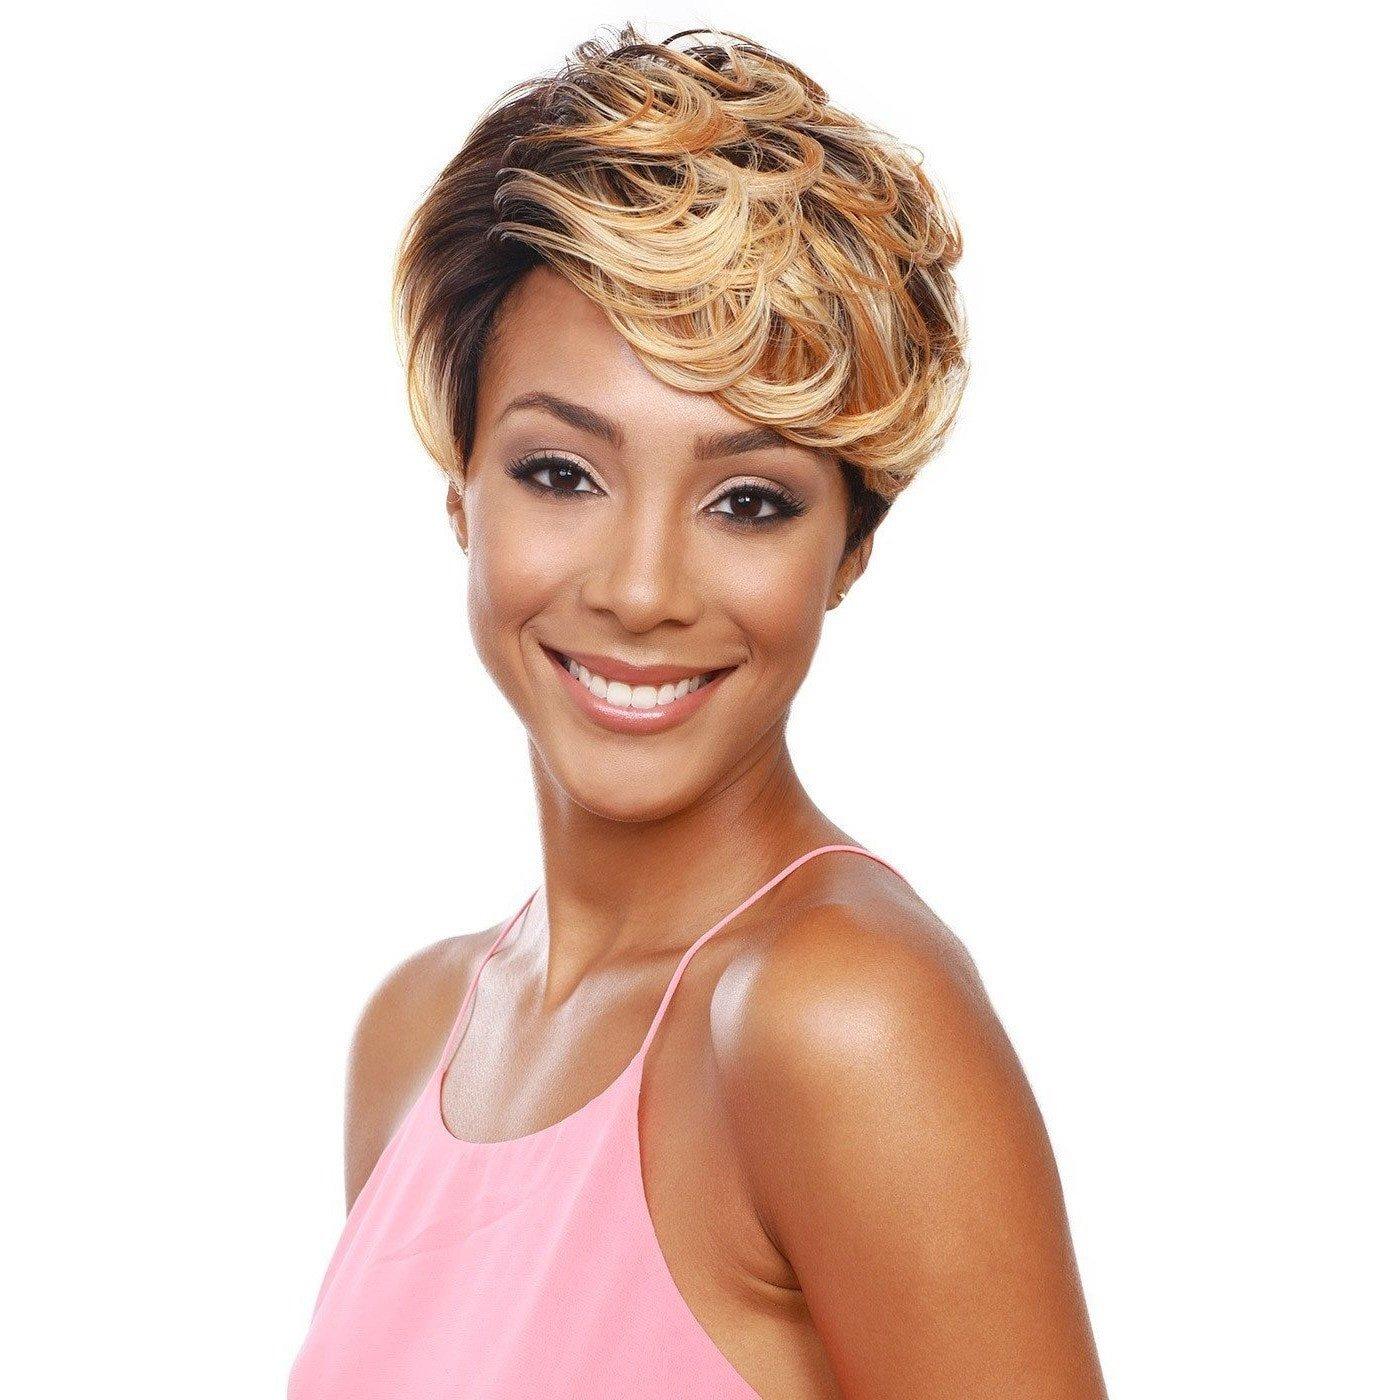 Harlem 125 Hair Beauty Supply